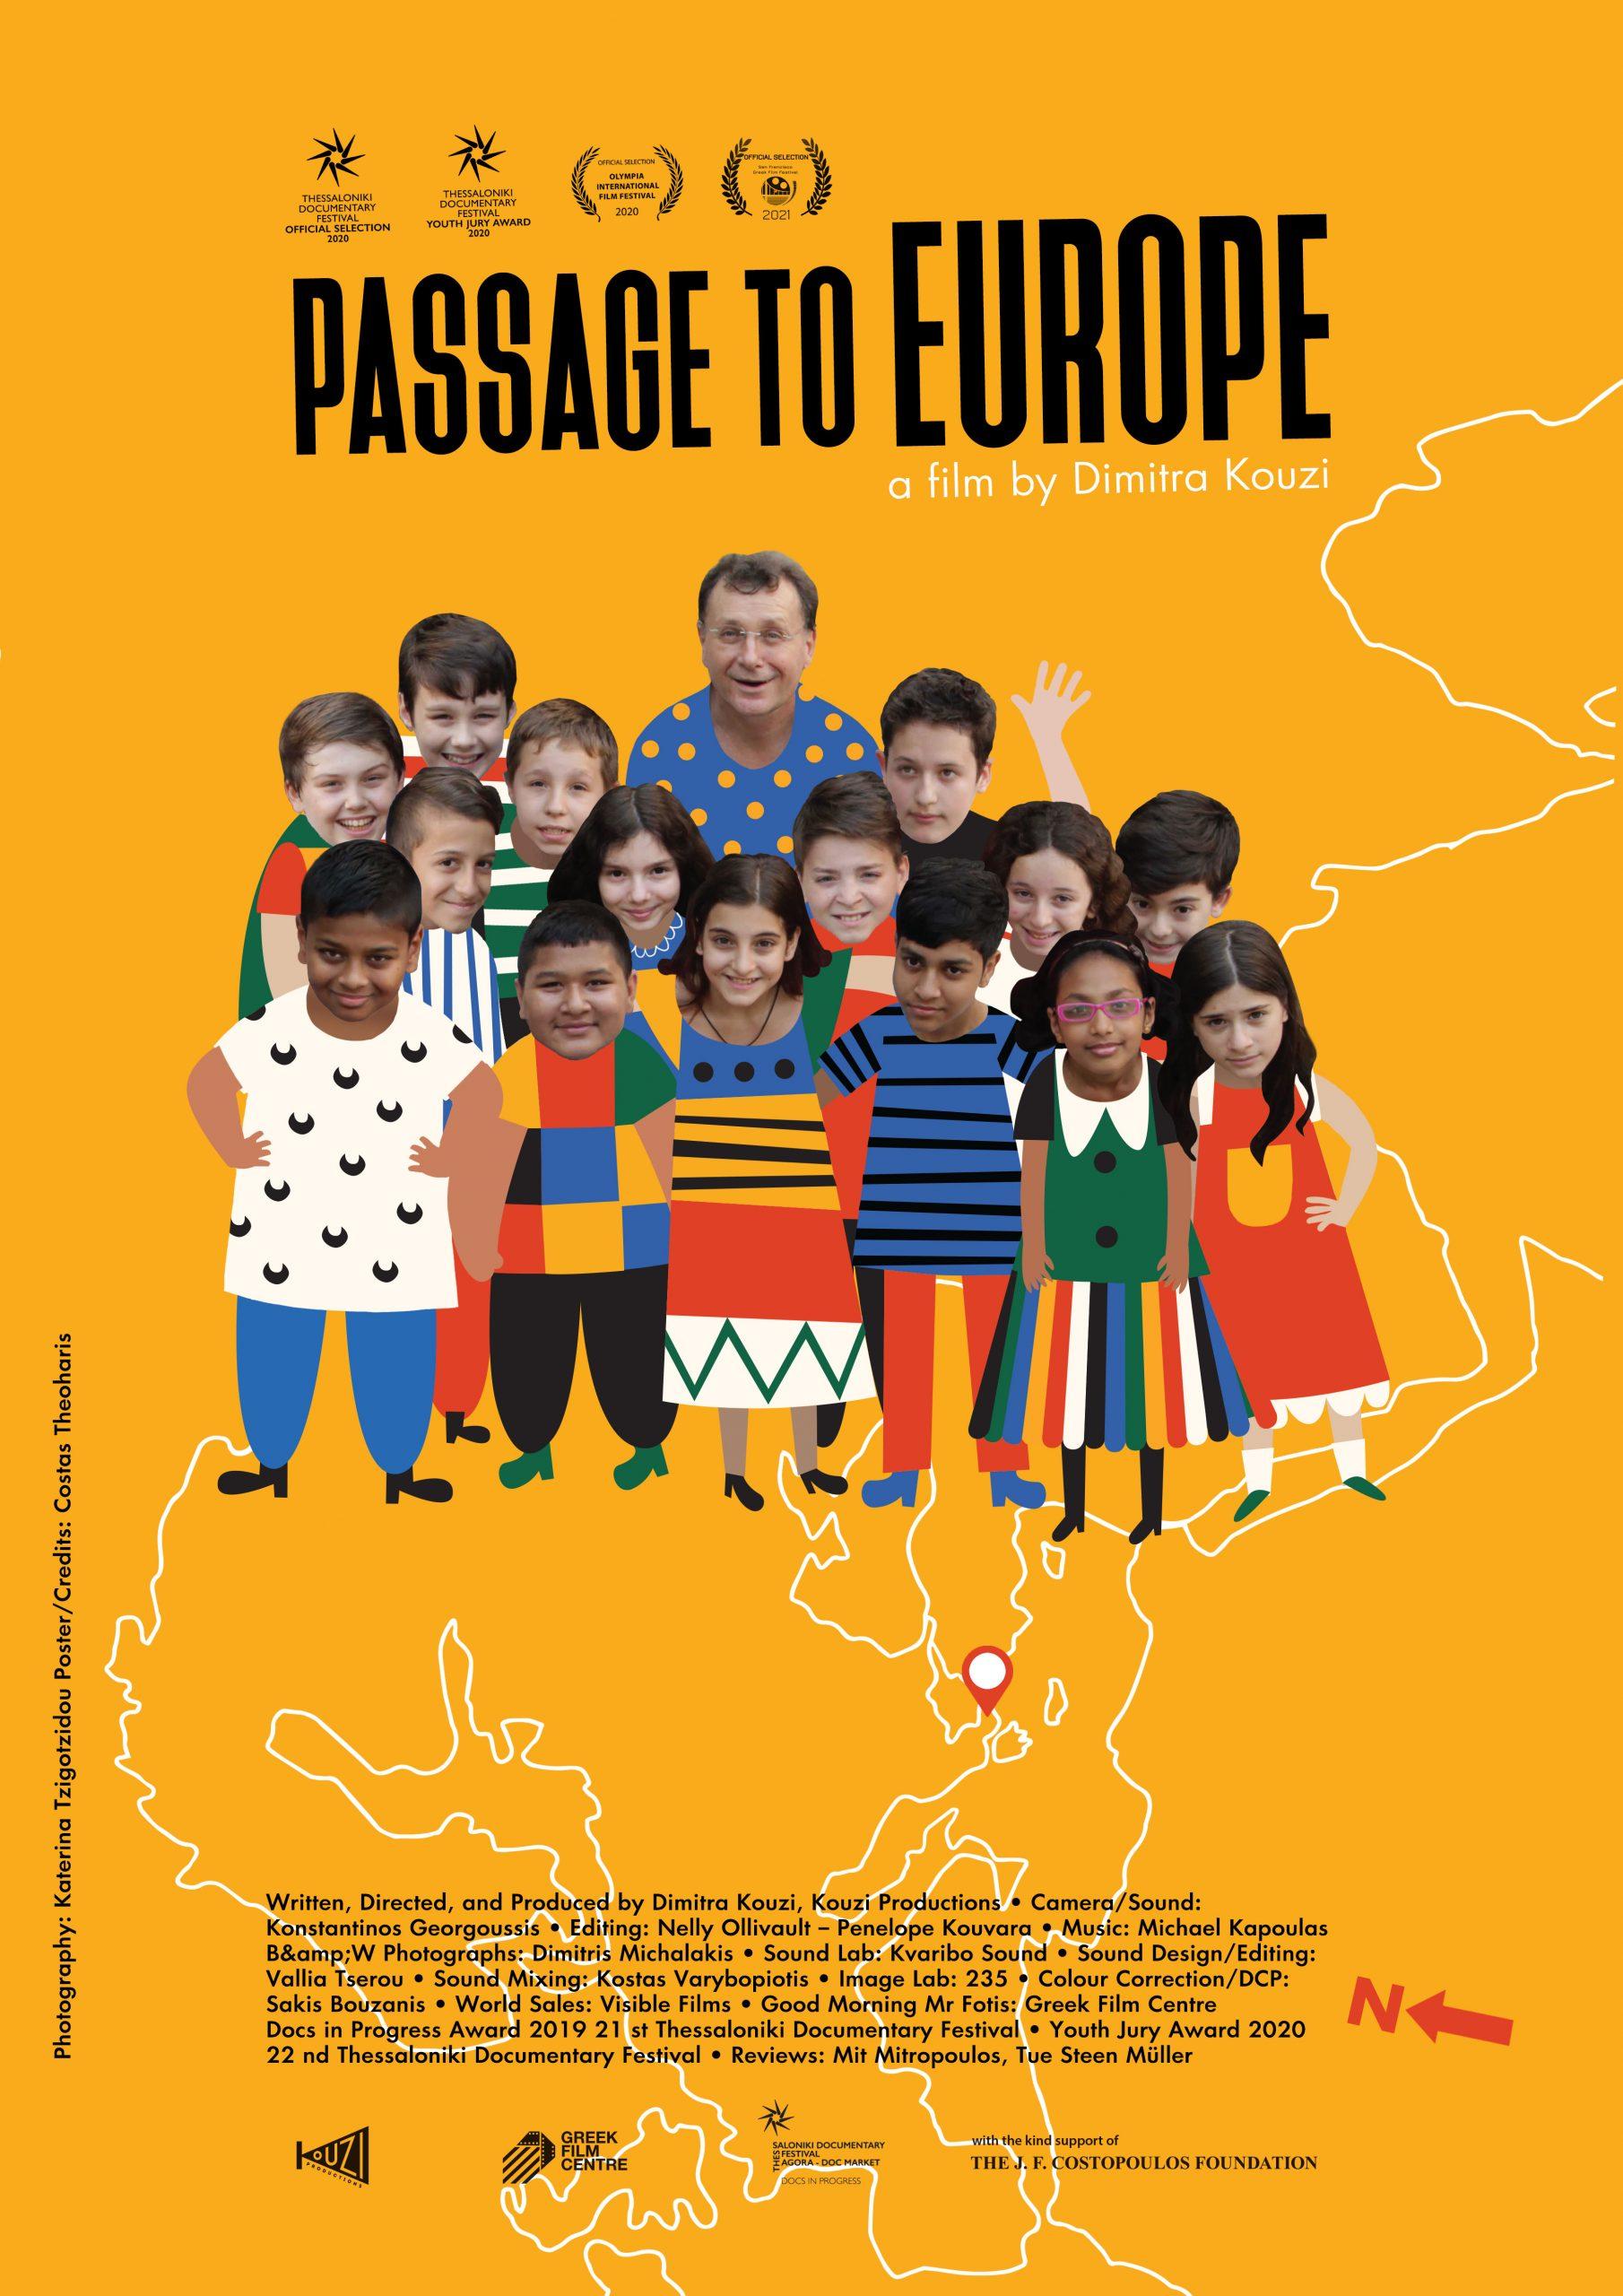 afisa passage to europe2 2 1